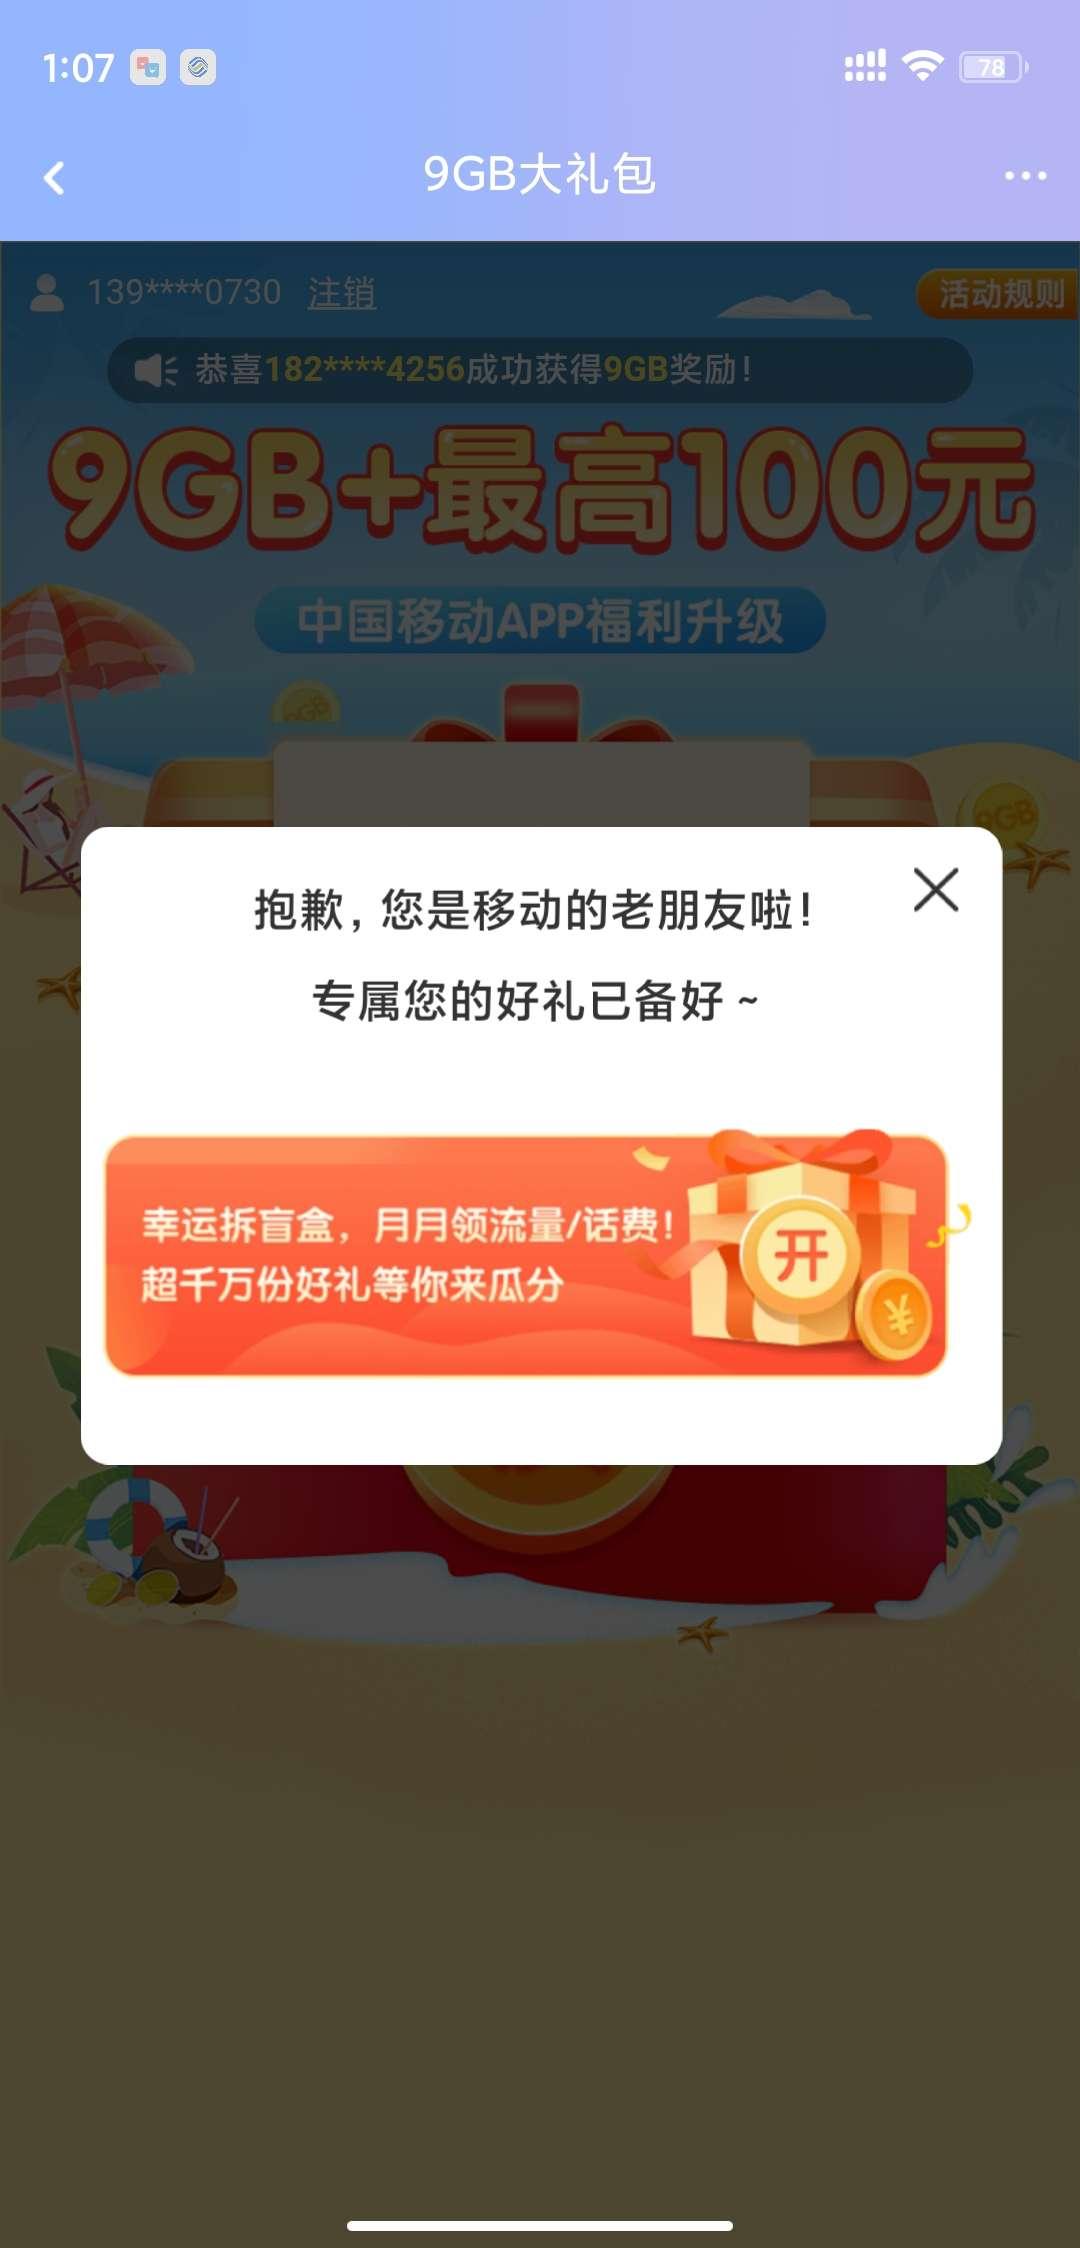 中国移动福利